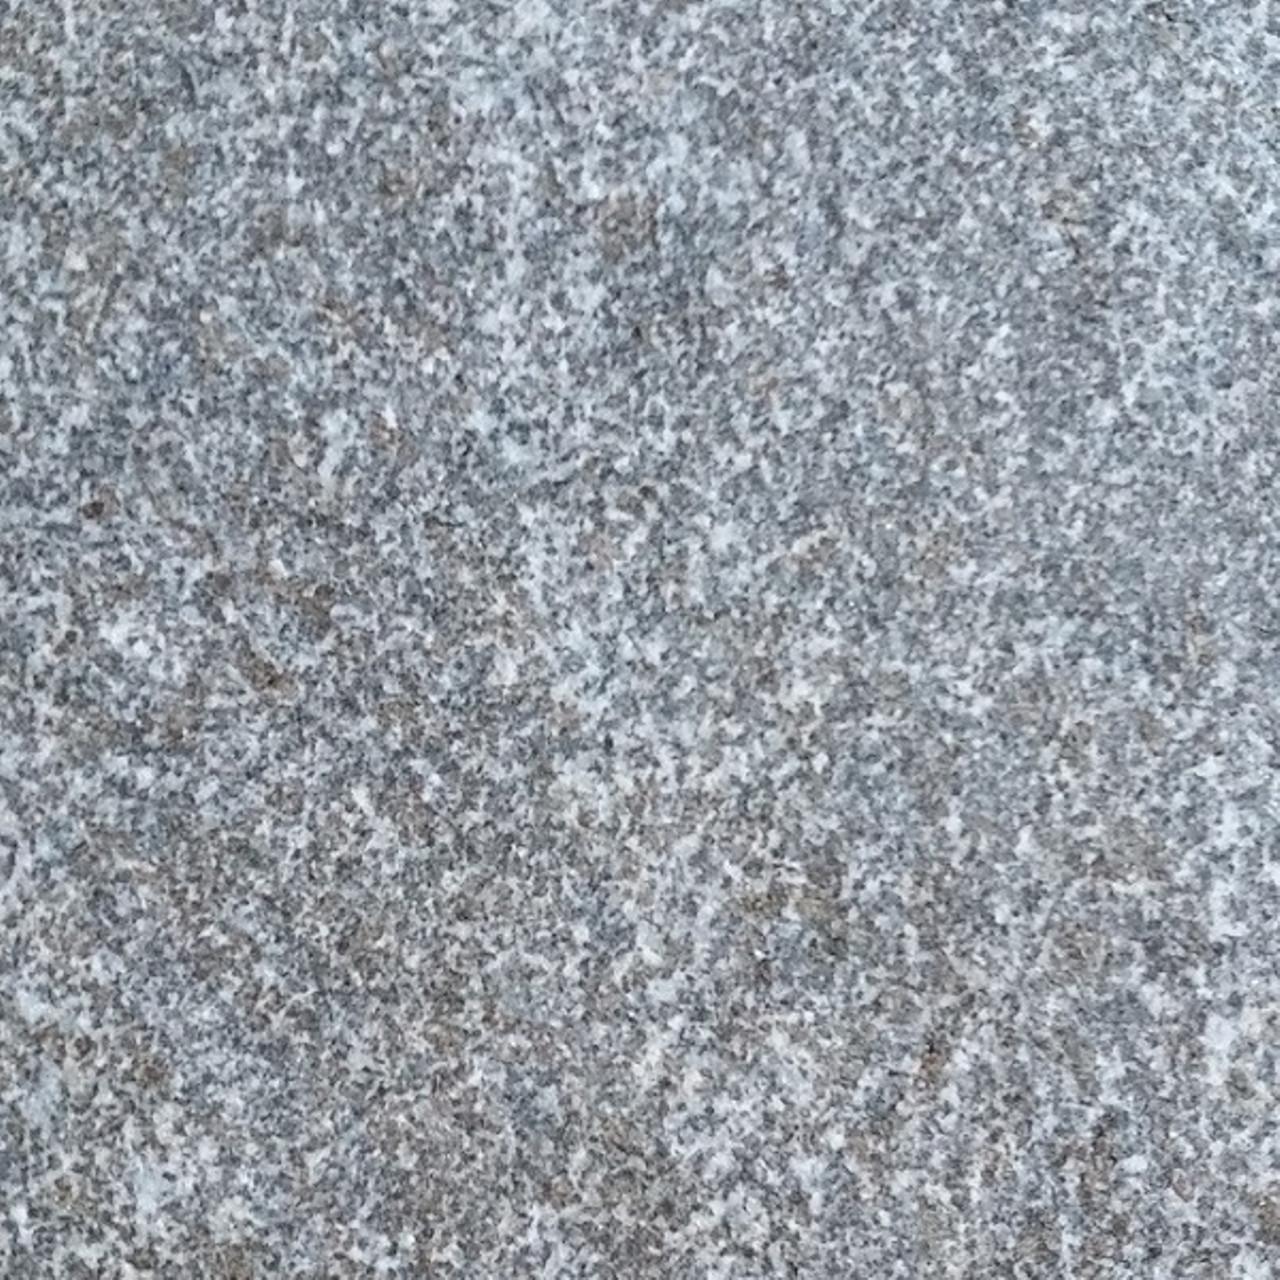 American Black Granite Thermal Finish